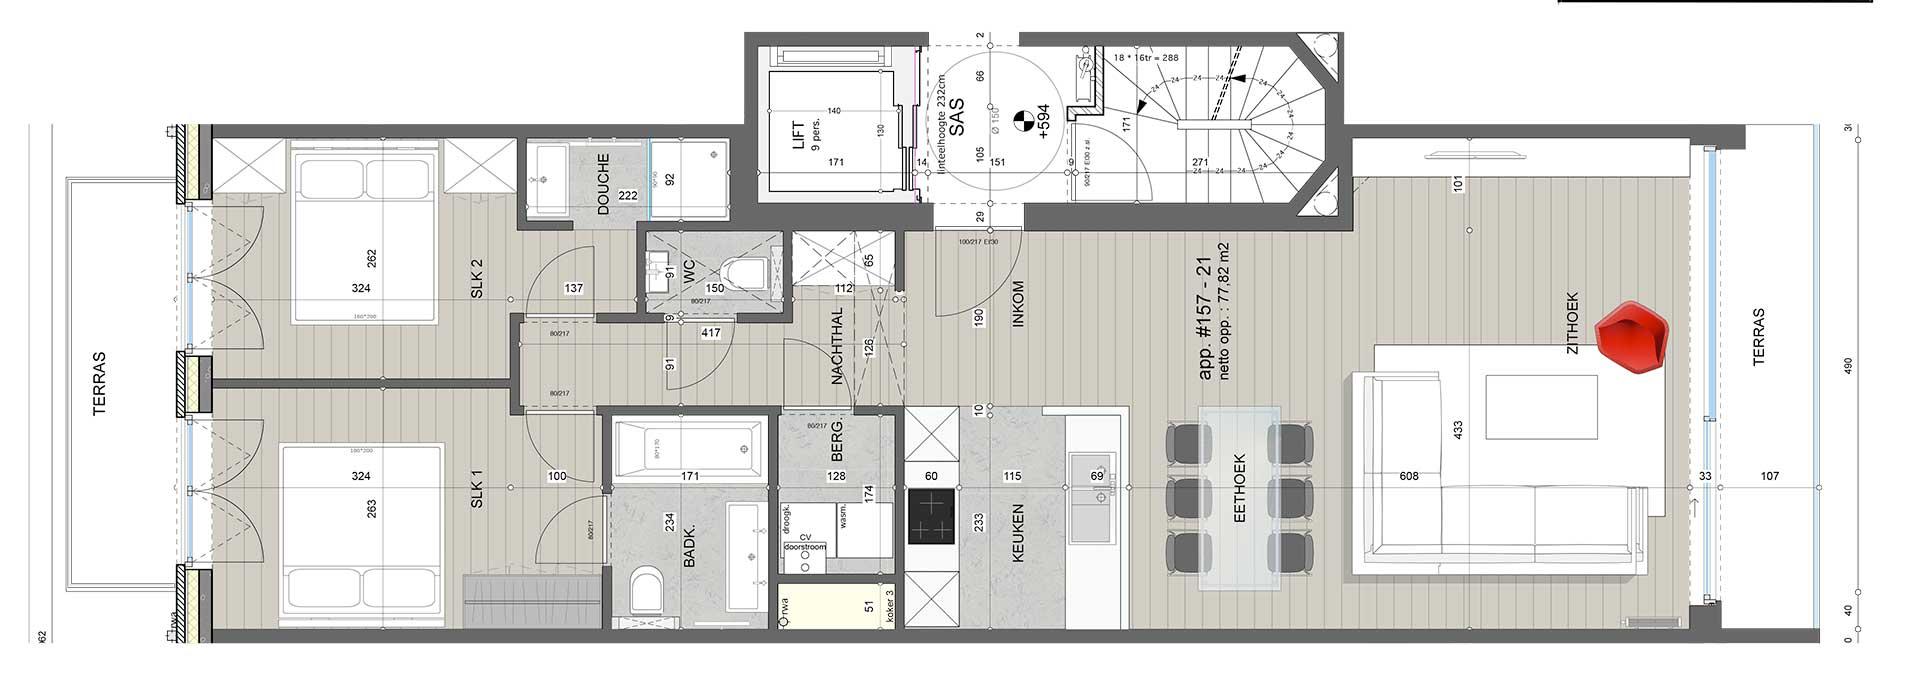 Residentie <br/> Fontana - image residentie-fontana-appartement-te-koop-knokke-plannen-157-21-1 on https://hoprom.be